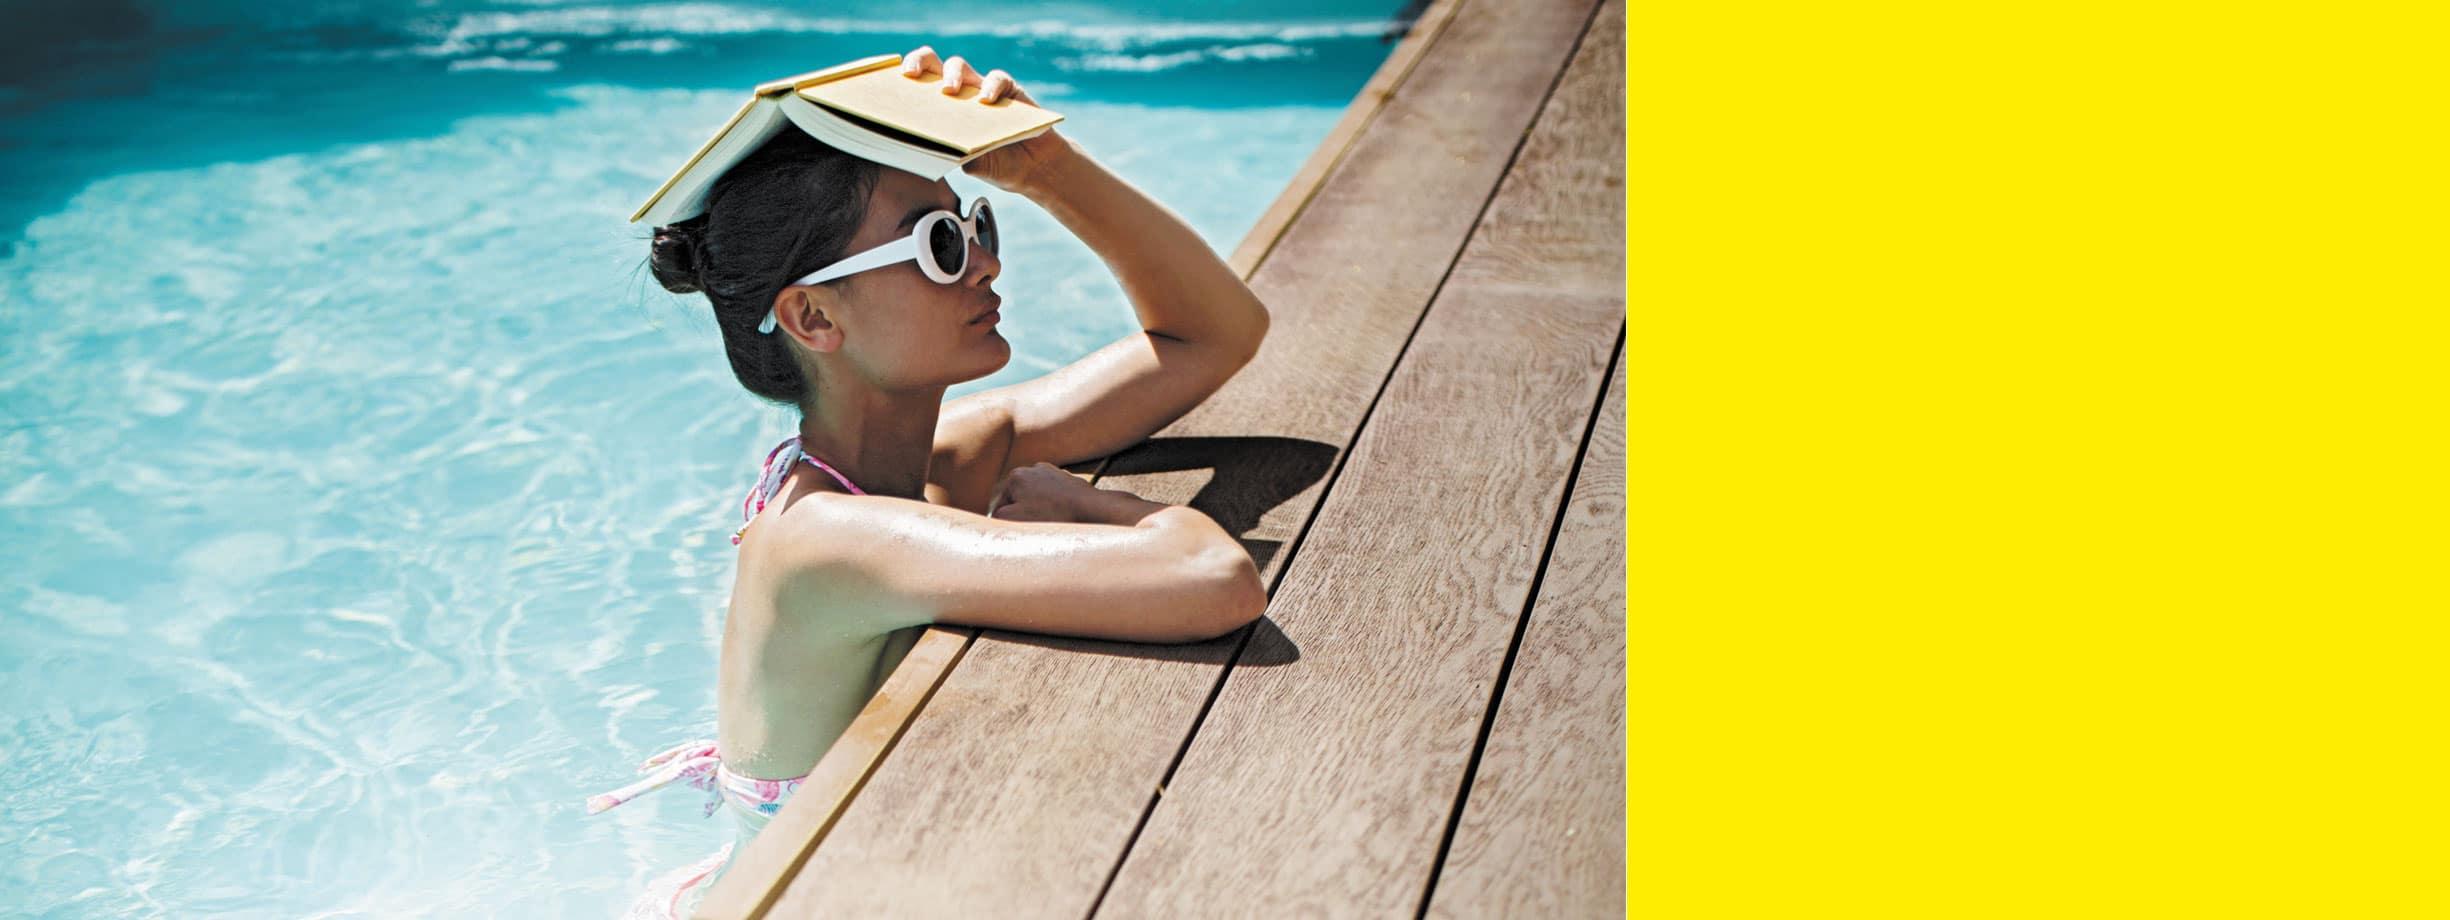 securisez-votre-bassin-bandeau-promo Points de vente – 84